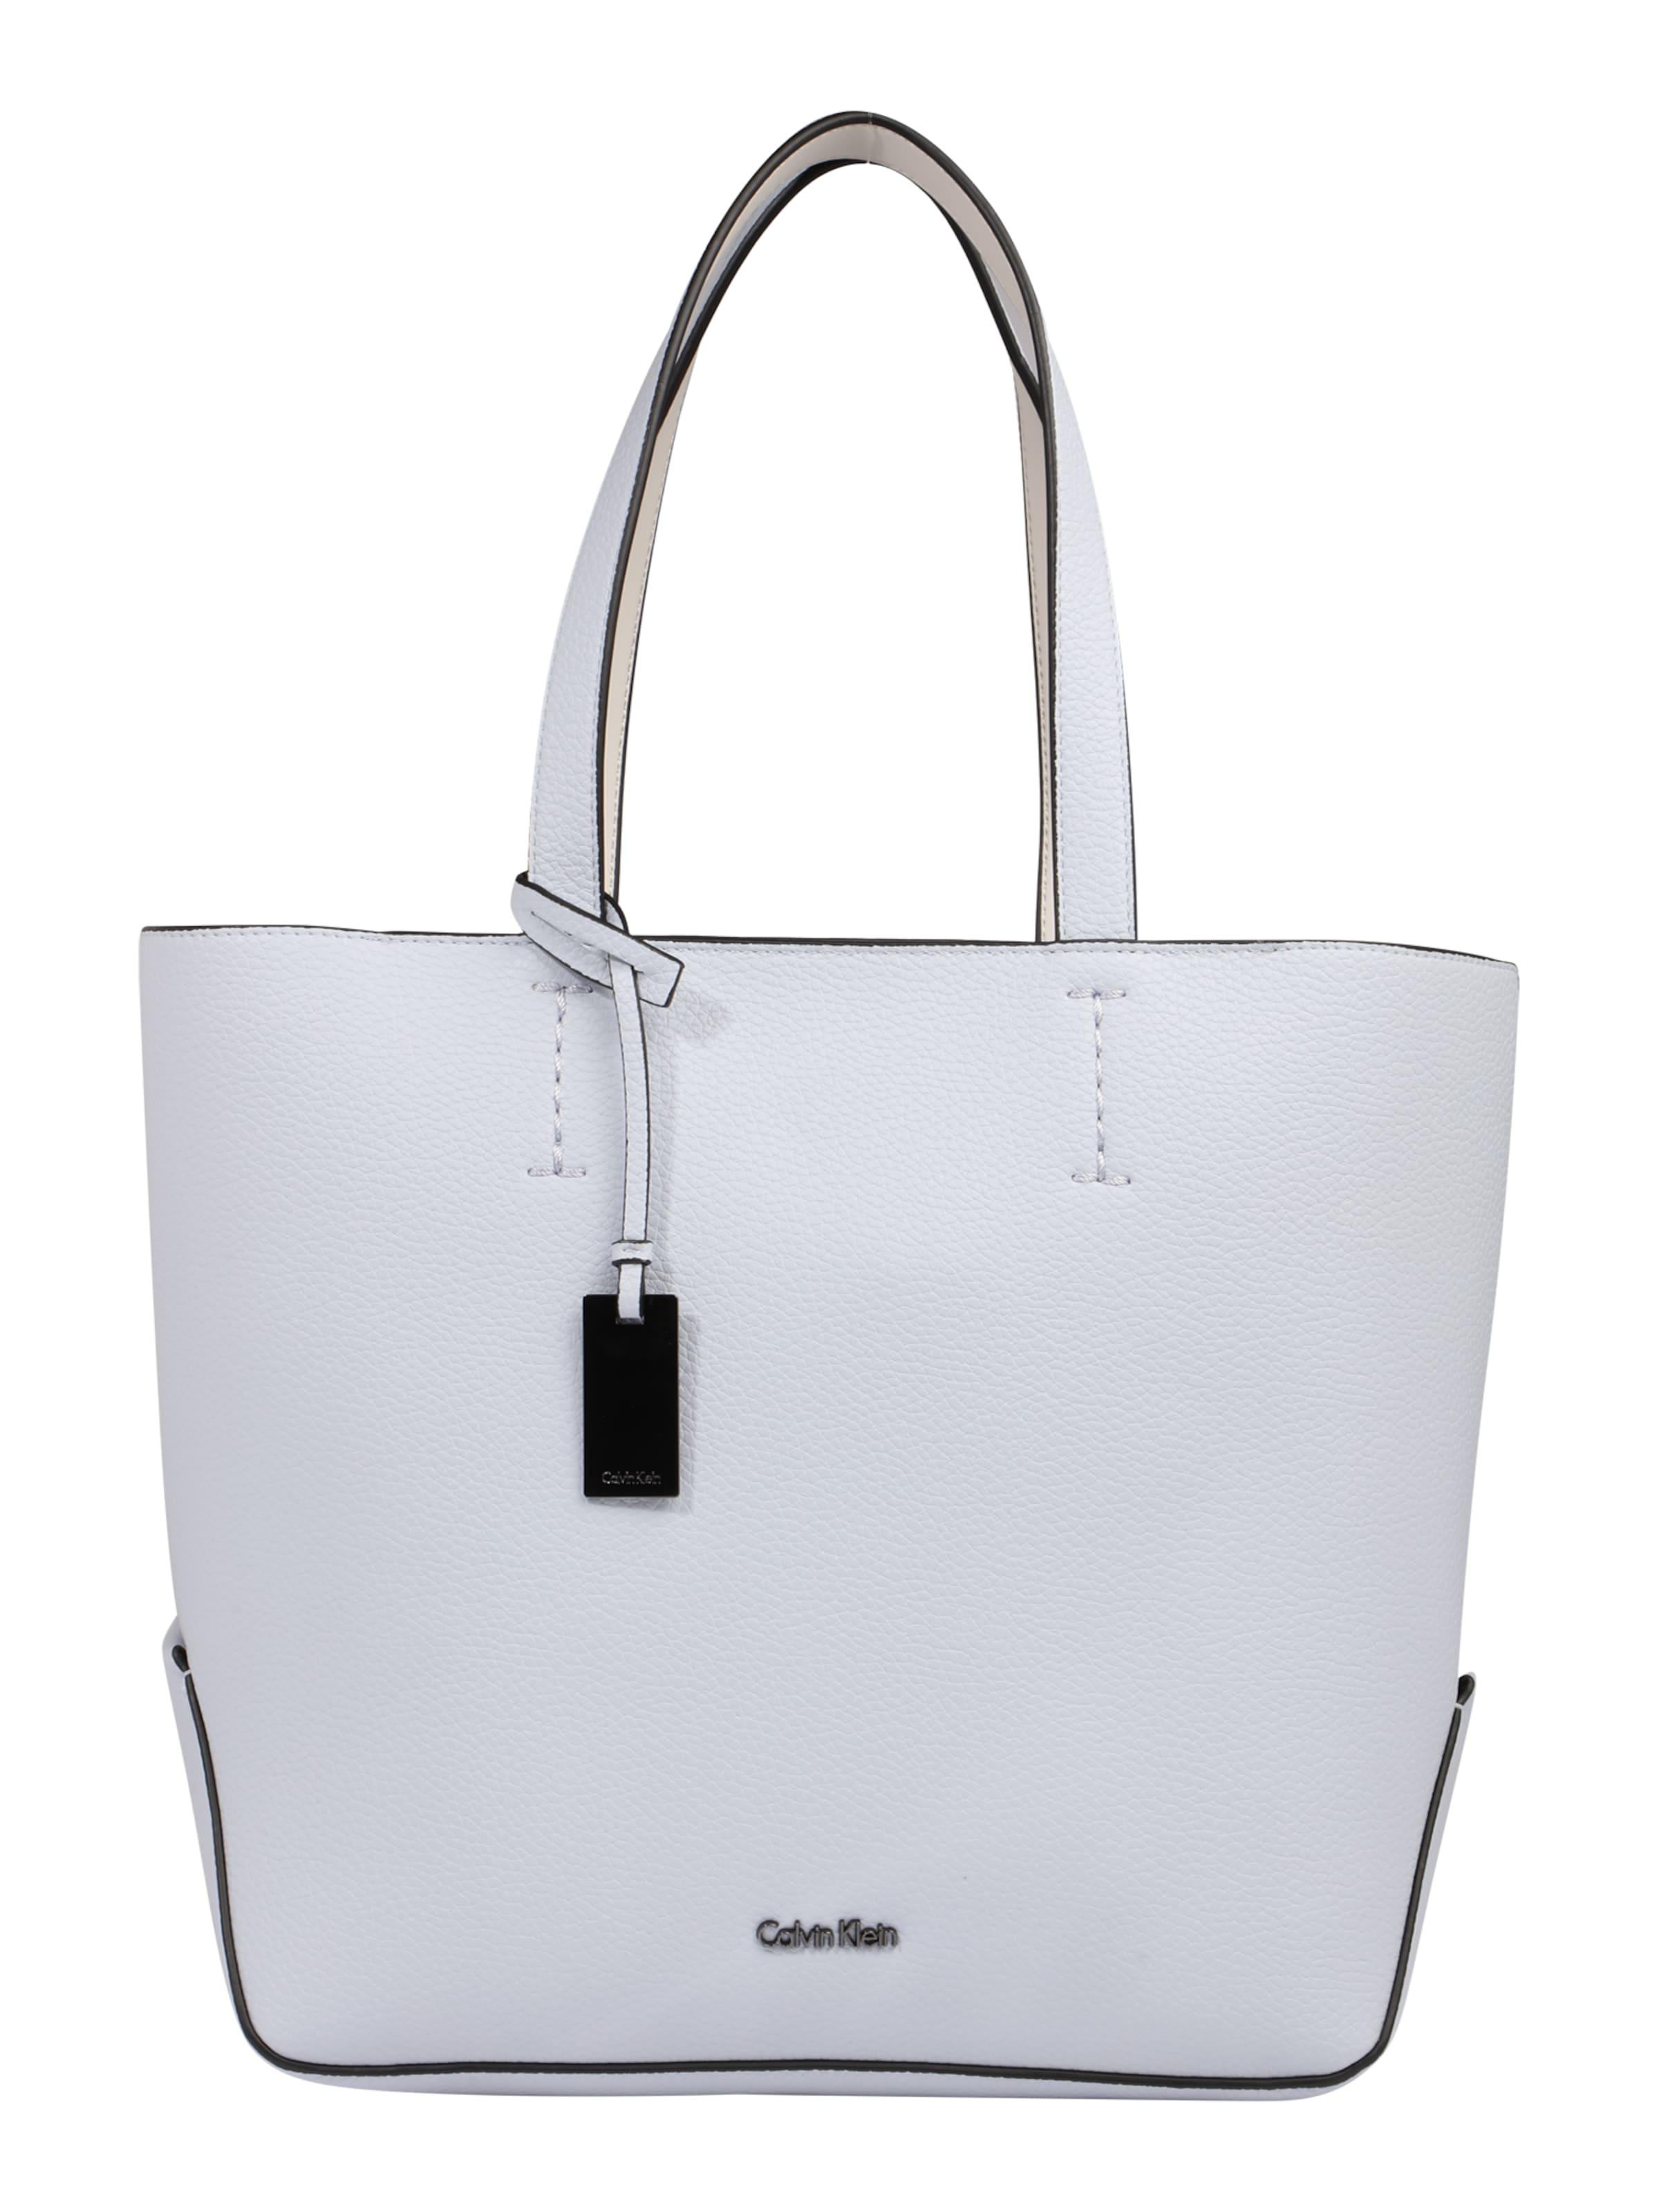 Frei Versandkosten Verkauf Großer Verkauf Calvin Klein Shopper 'Edit' Steckdose Billig 4FEVWKO